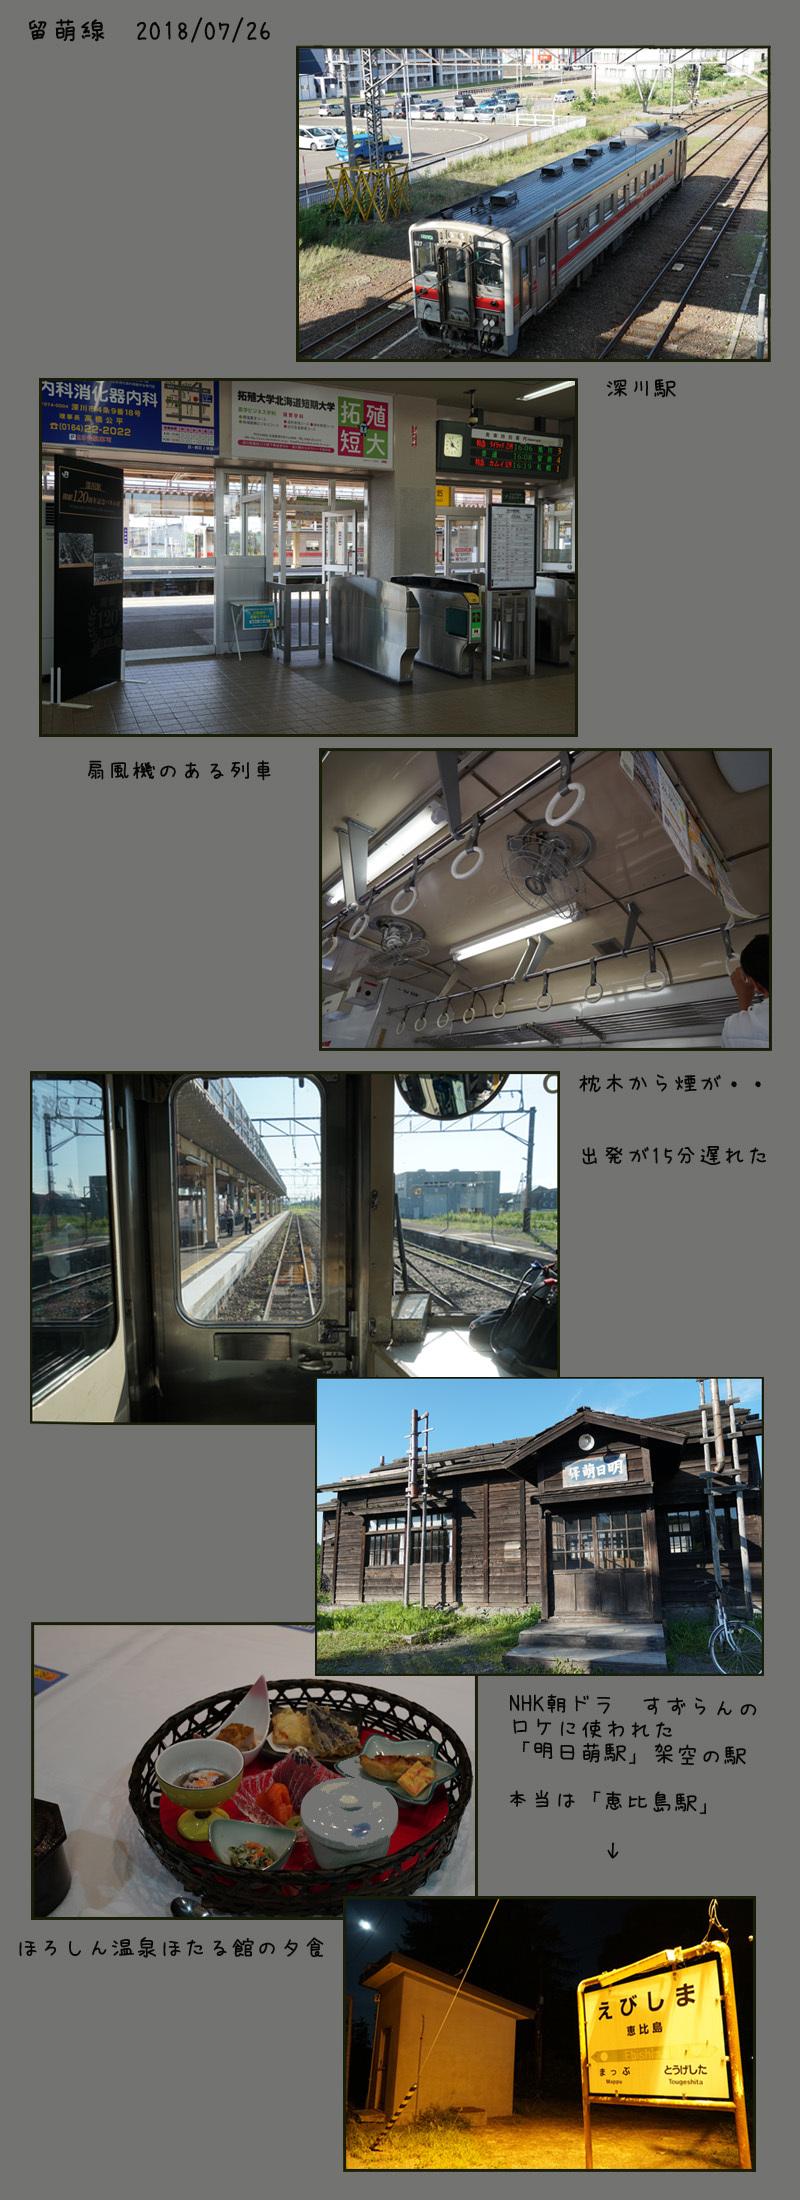 b0019313_18035980.jpg